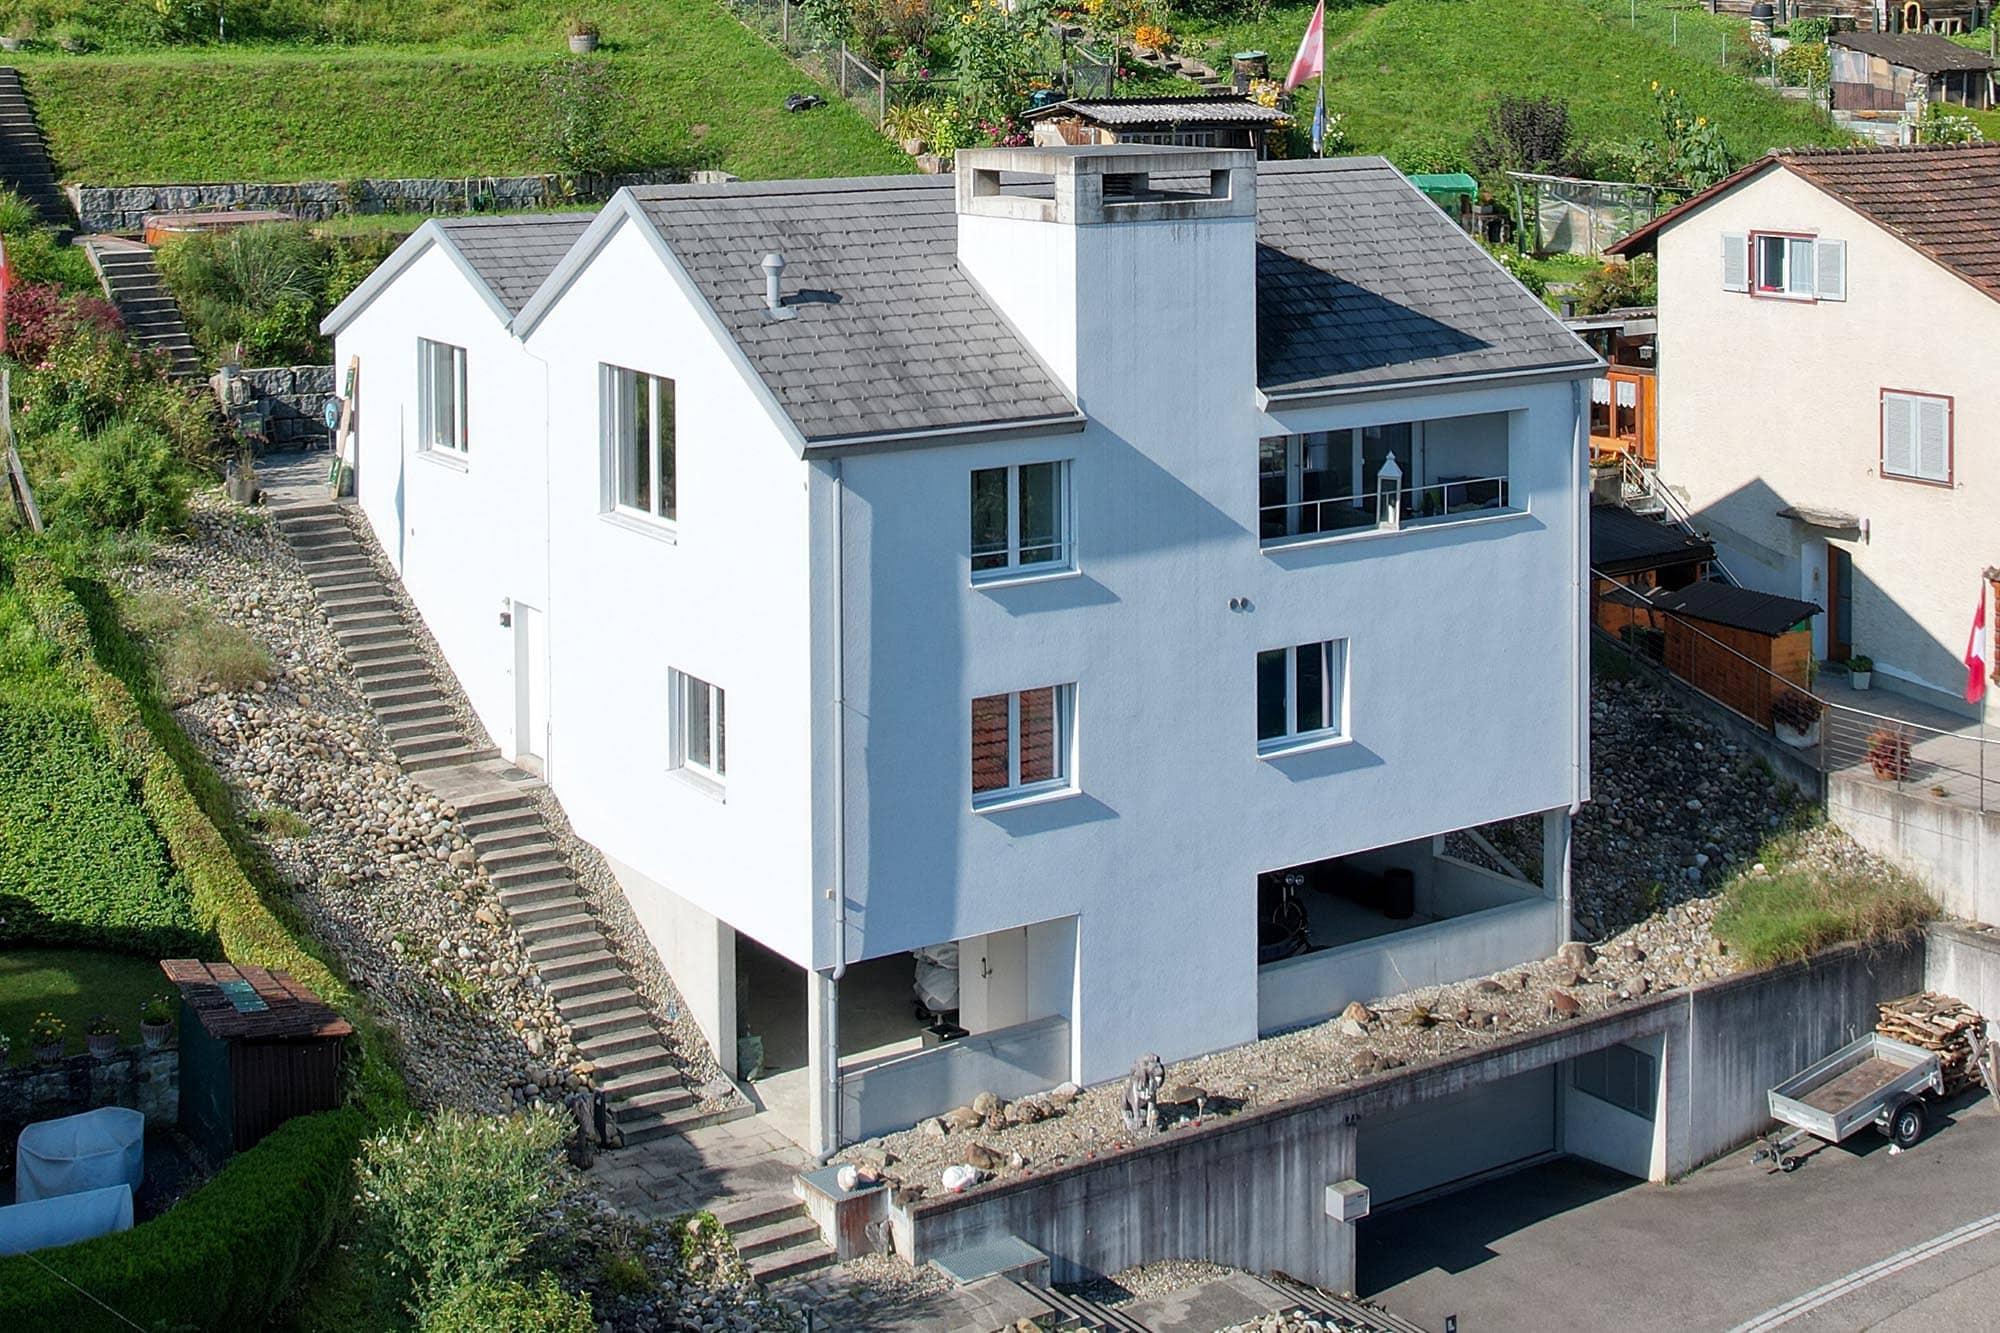 Modernes Einfamilienhaus zu verkaufen in Langwiesen, Kanton Zürich